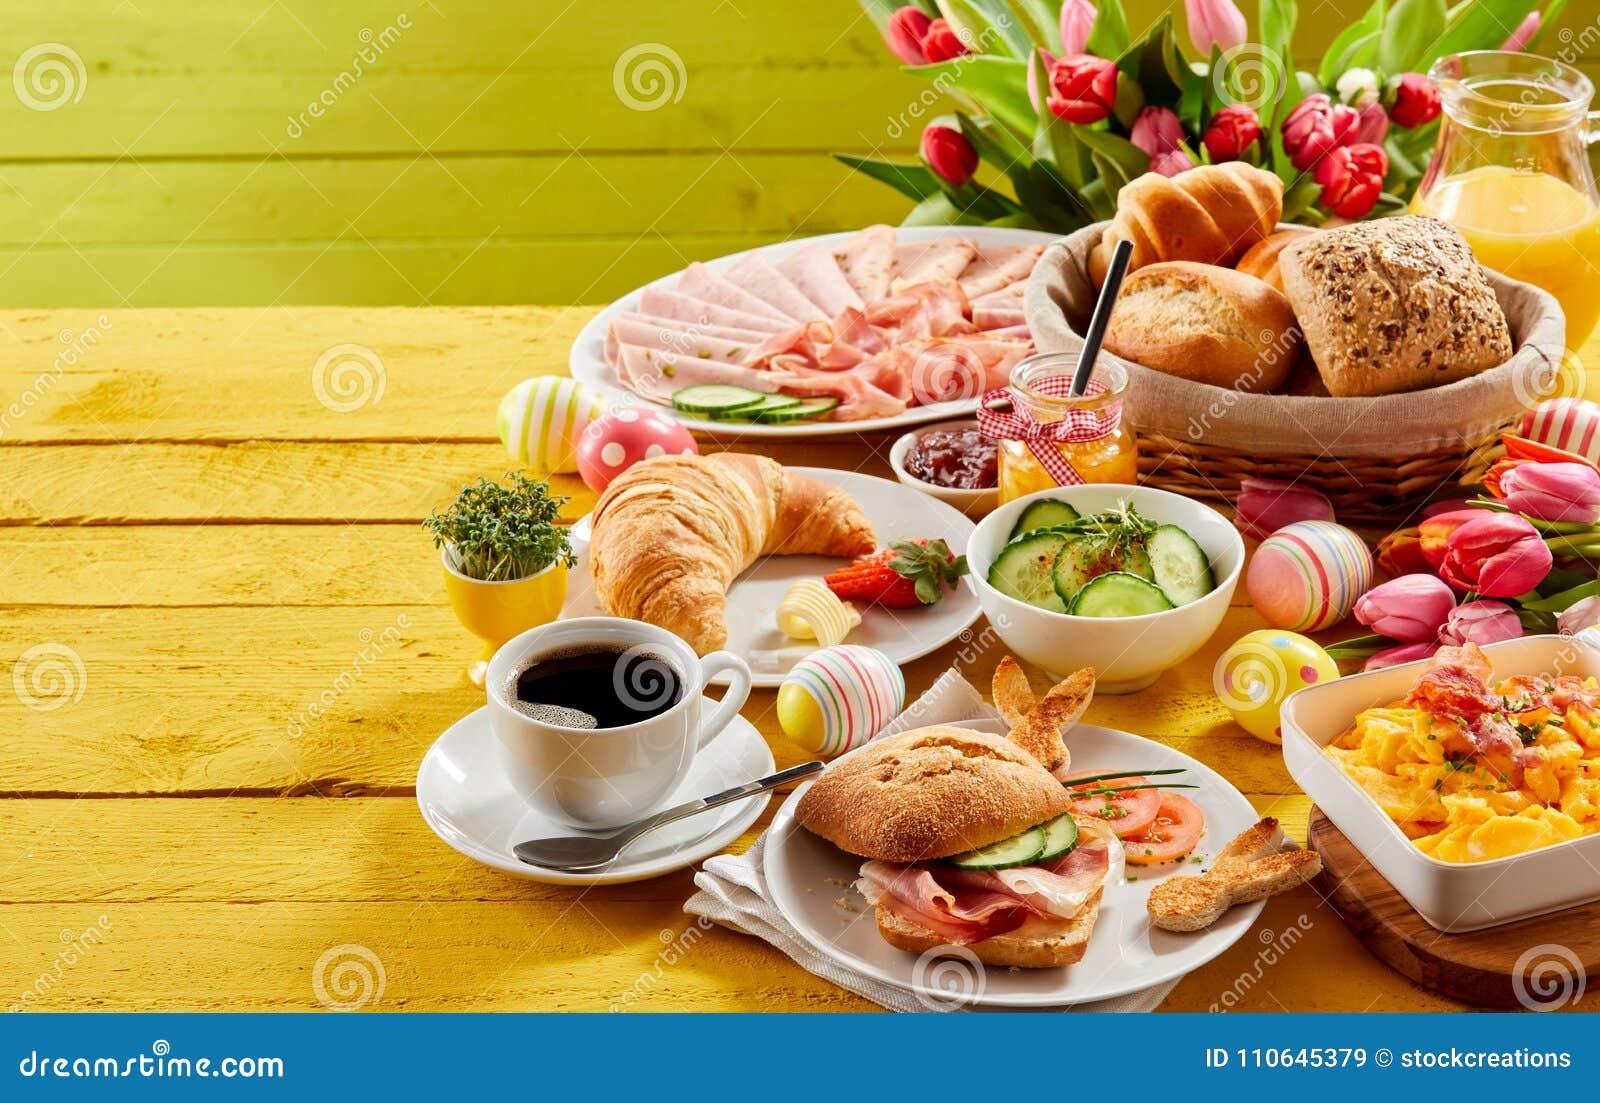 Desayuno o brunch de la comida fría de Pascua